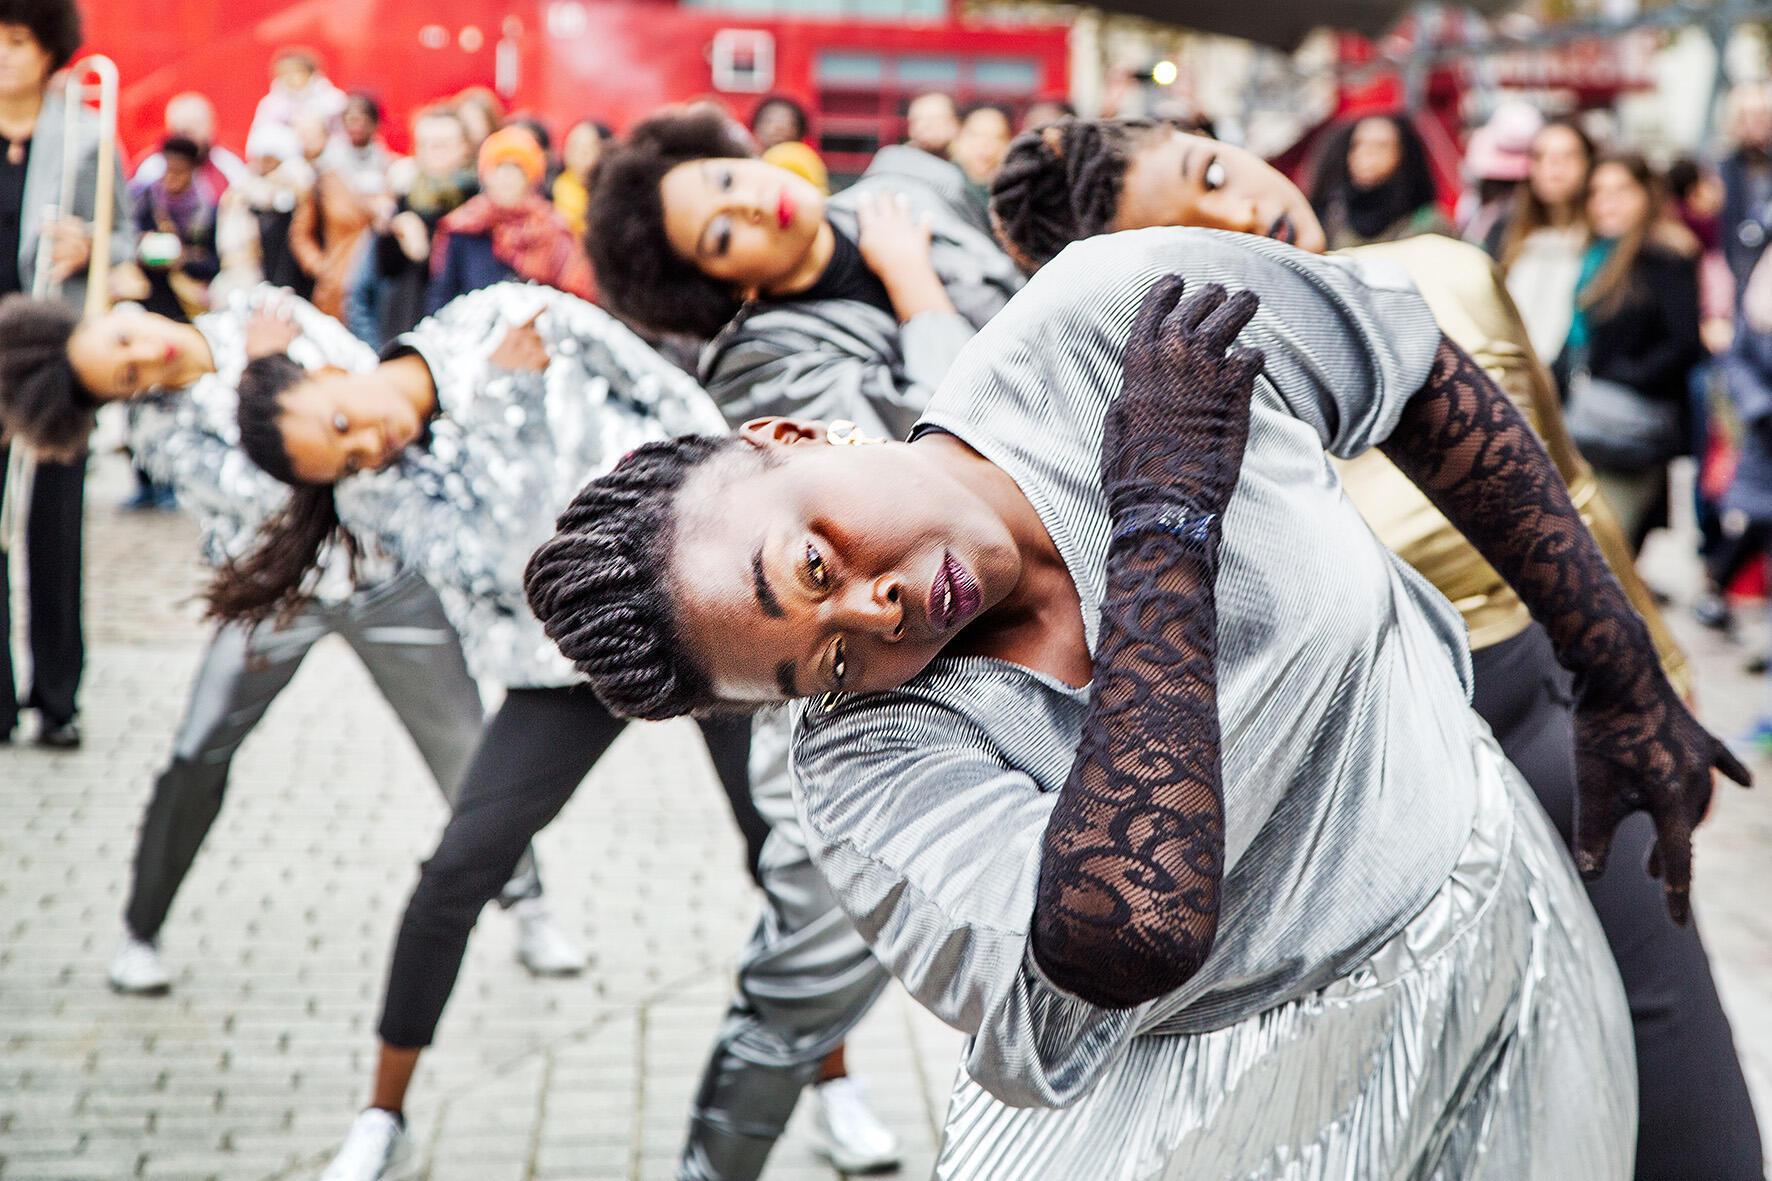 Sandra Sainte Rose Fanchine, chorégraphe née en Martinique et qui a grandi en Côte d'Ivoire, présentera la parade «30 nuances de noir(es)» le 3 octobre, pendant la nuit francophone aux Zébrures d'Automne 2020, à Limoges.